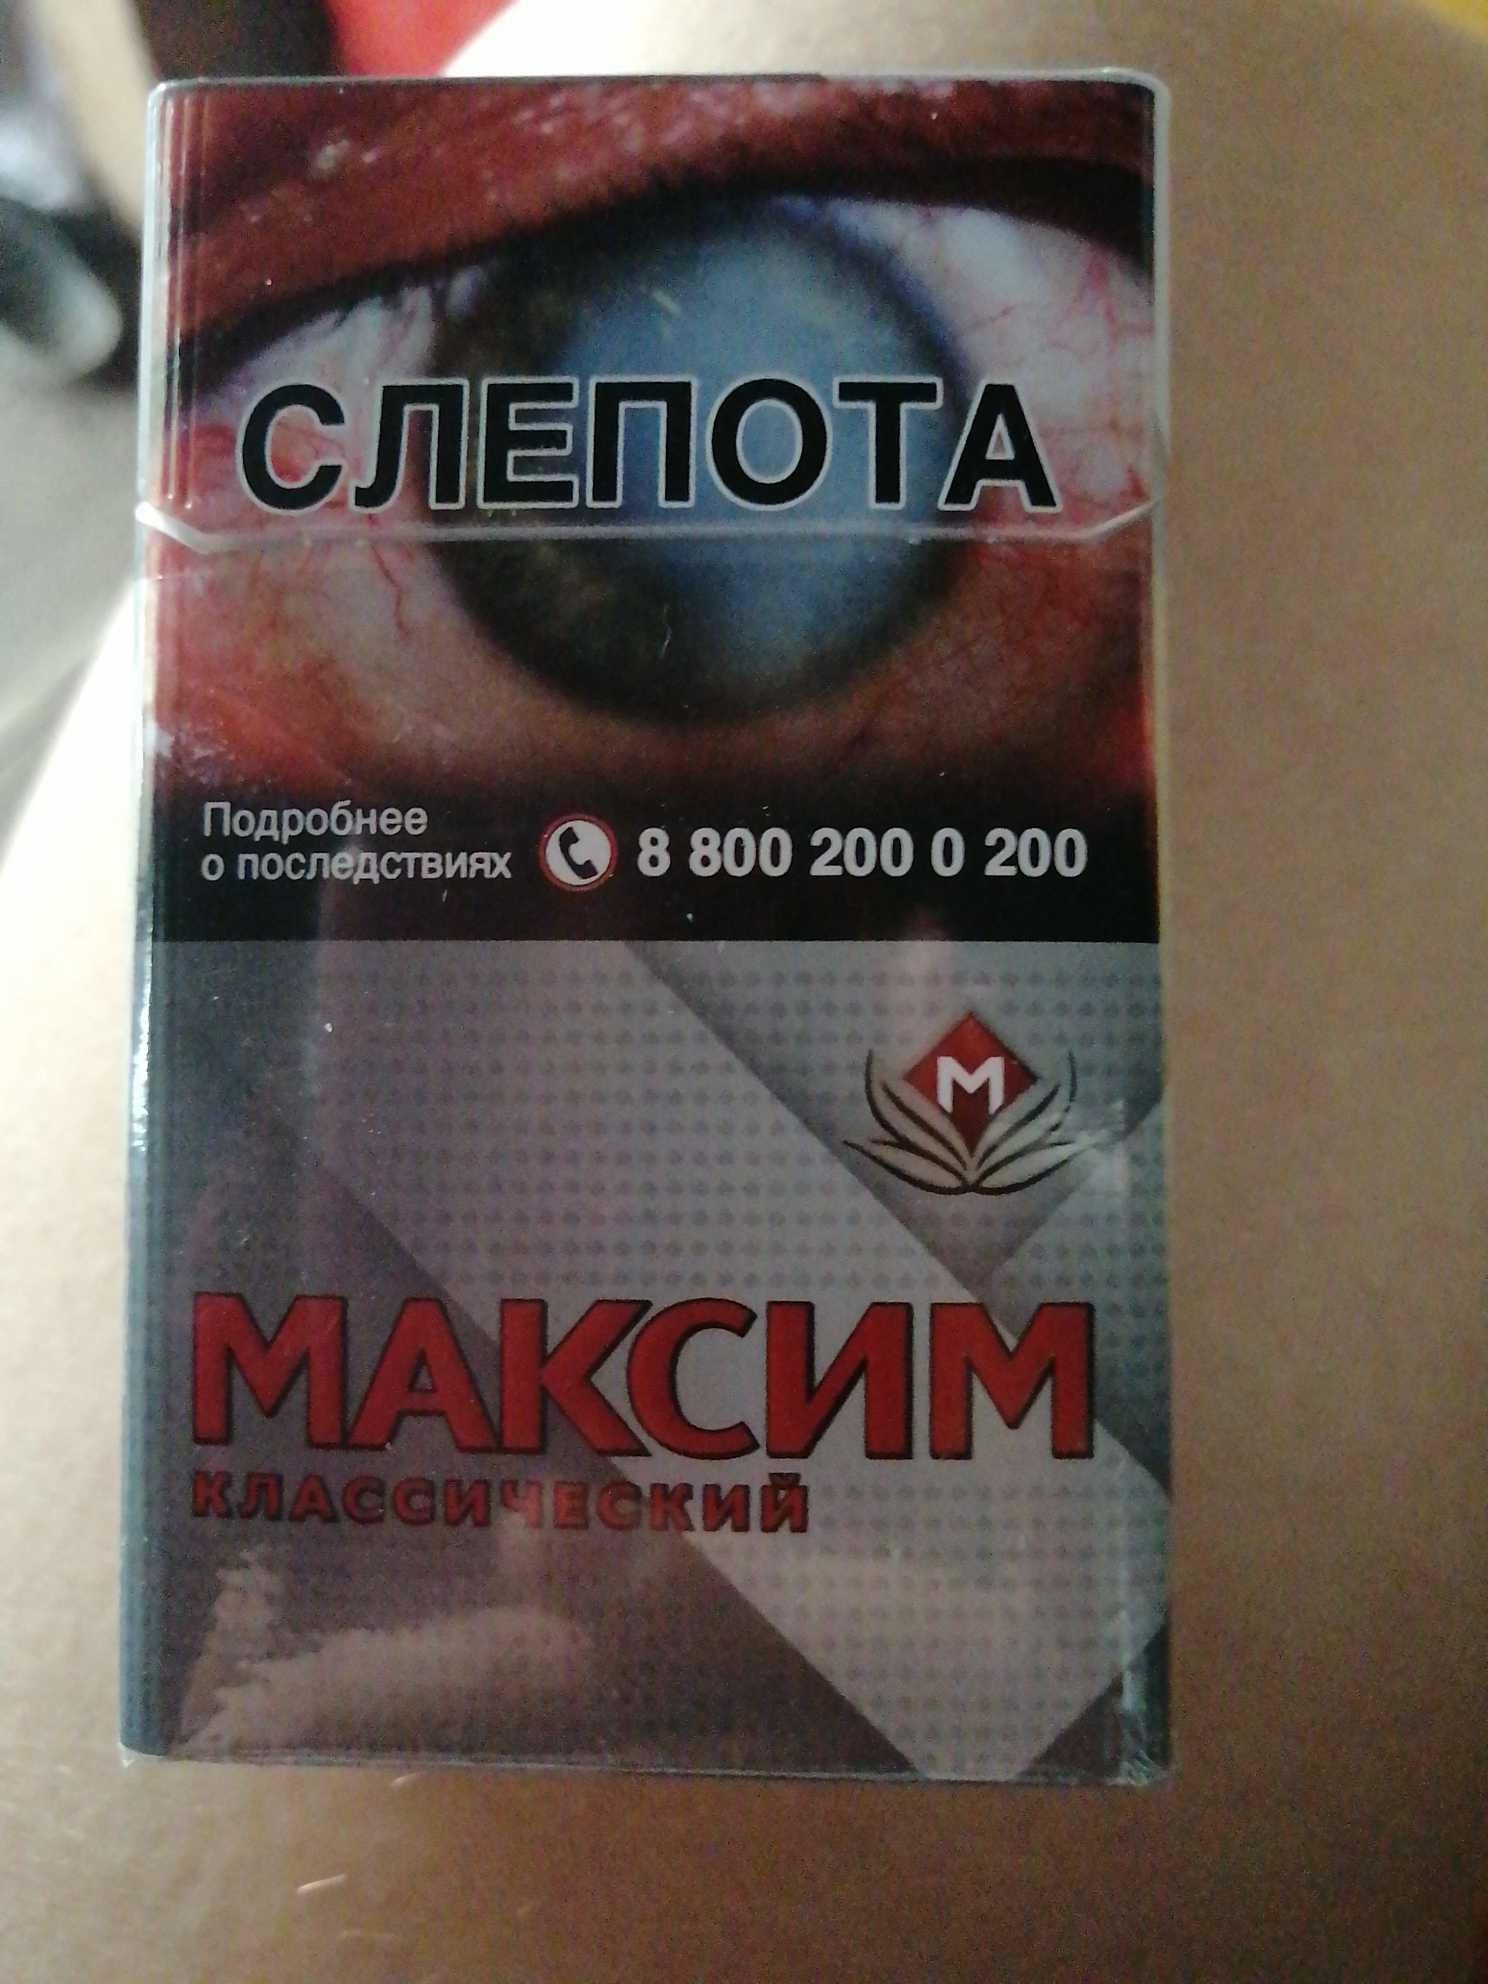 Купить сигареты максим серый диабло сигареты купить спб